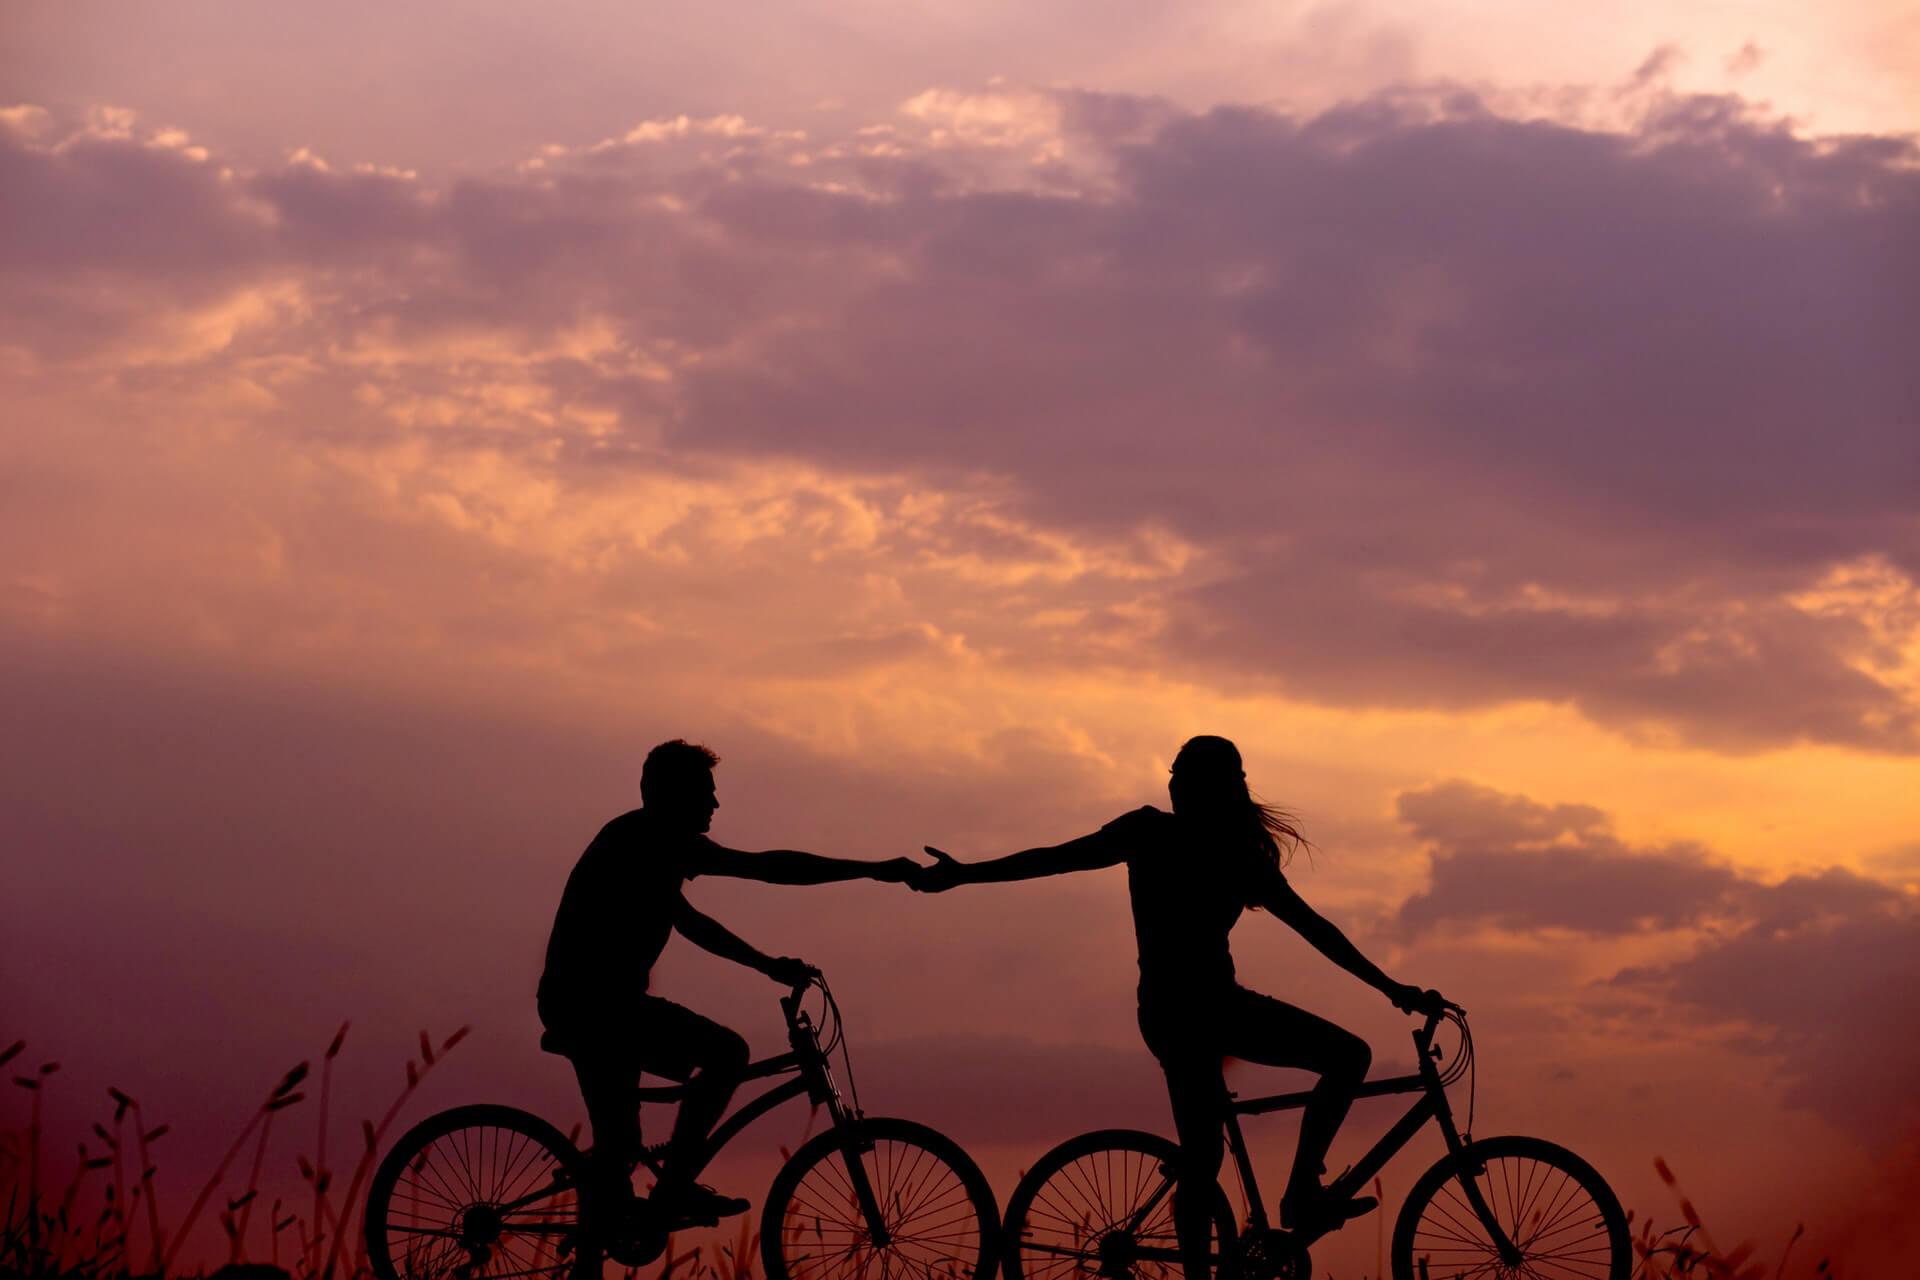 Mann und Frau auf Rädern reichen sich die Hand